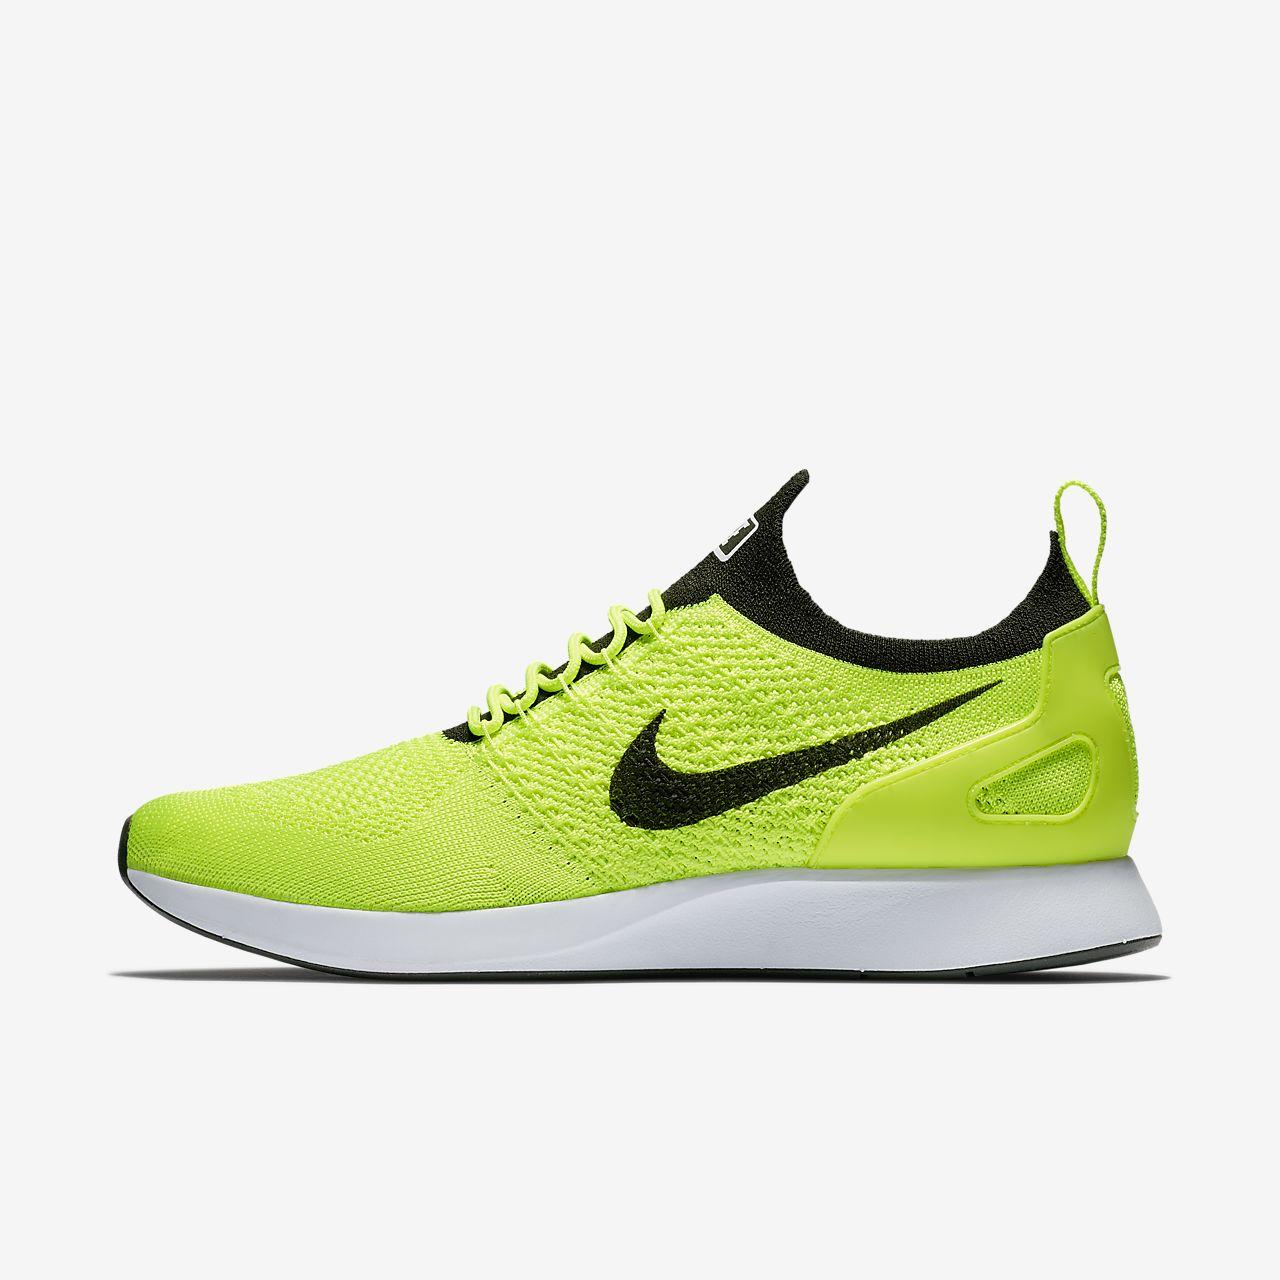 vente 100% d'origine best-seller pas cher Nike Free Flyknit 9-5 Paroles parcourir à vendre vente sortie nouvelle arrivée EvJHeEJTHy